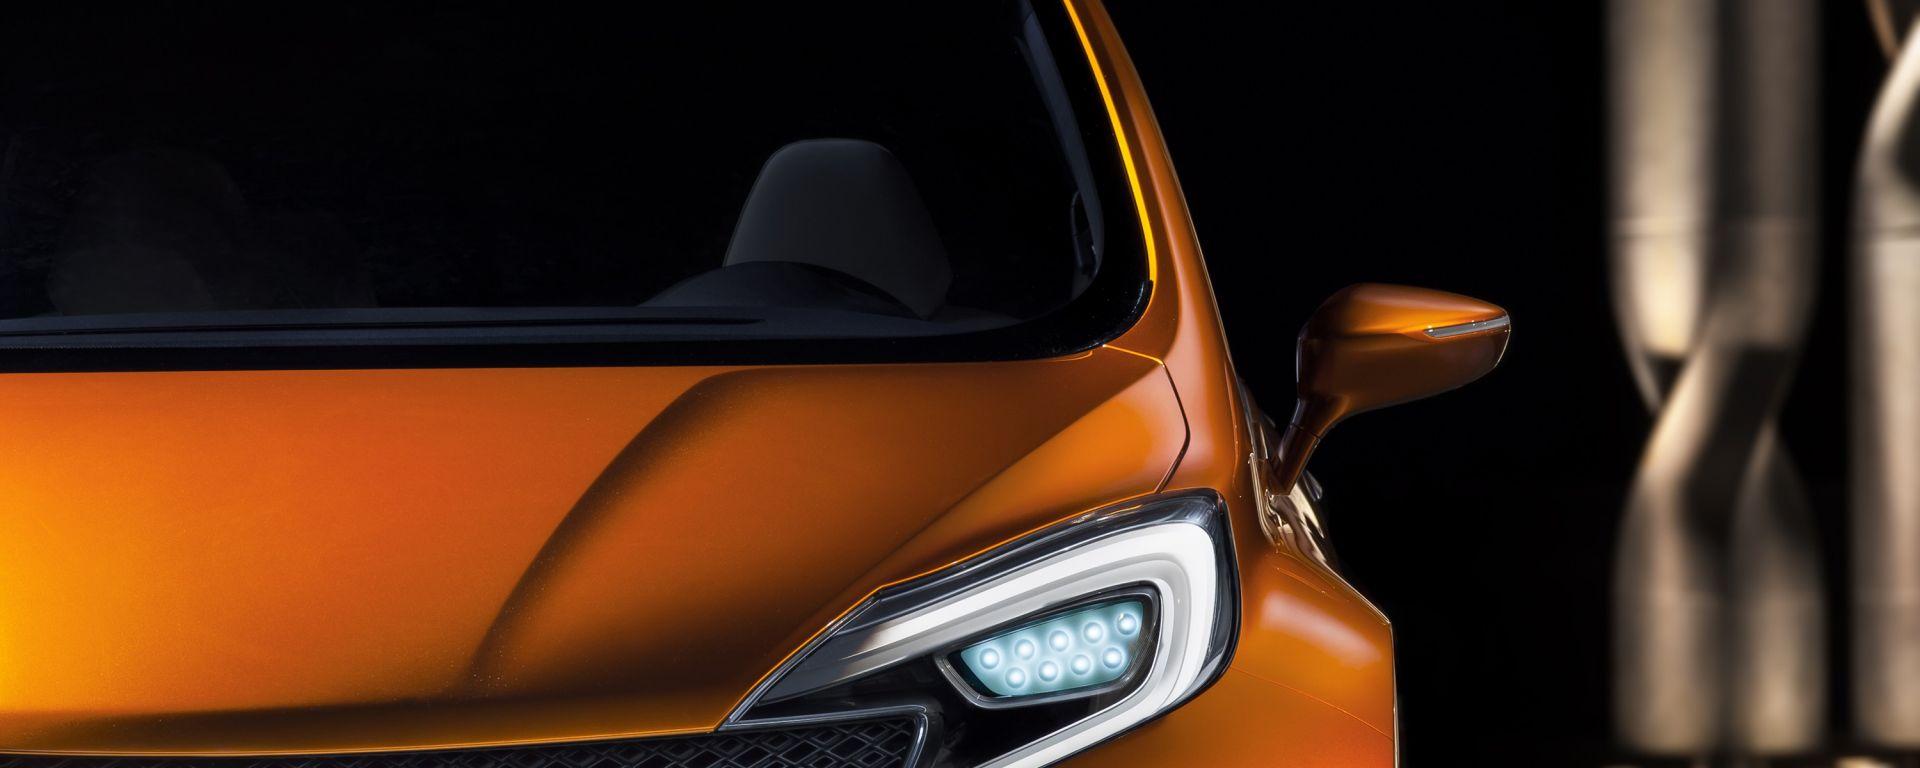 Nissan Invitation Concept, nuove foto e video